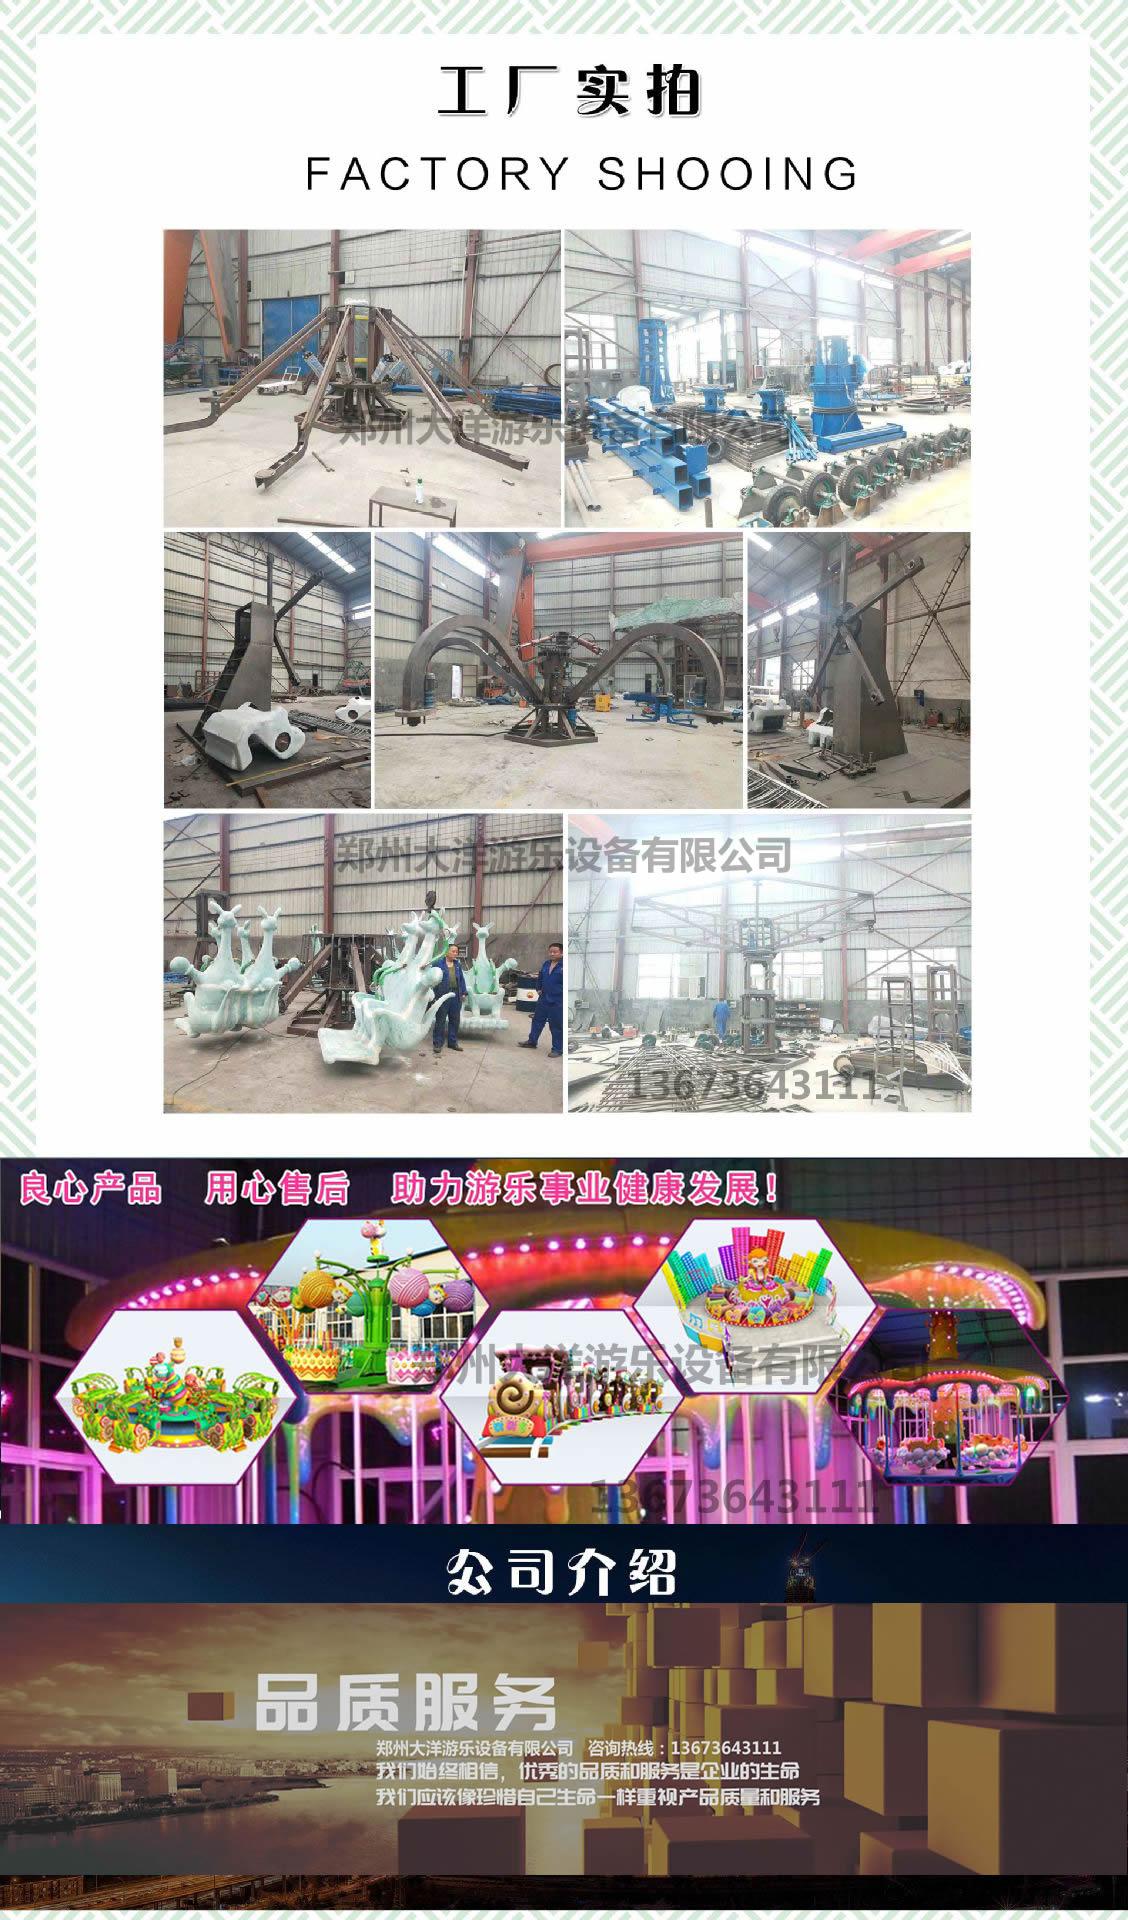 新型游乐项目吃奶鱼池,吃奶鱼,奶嘴鱼游乐设备,吸奶鱼娱乐项目,互动型娱乐项目吃奶鱼,2020参与性互动型娱乐项目示例图30